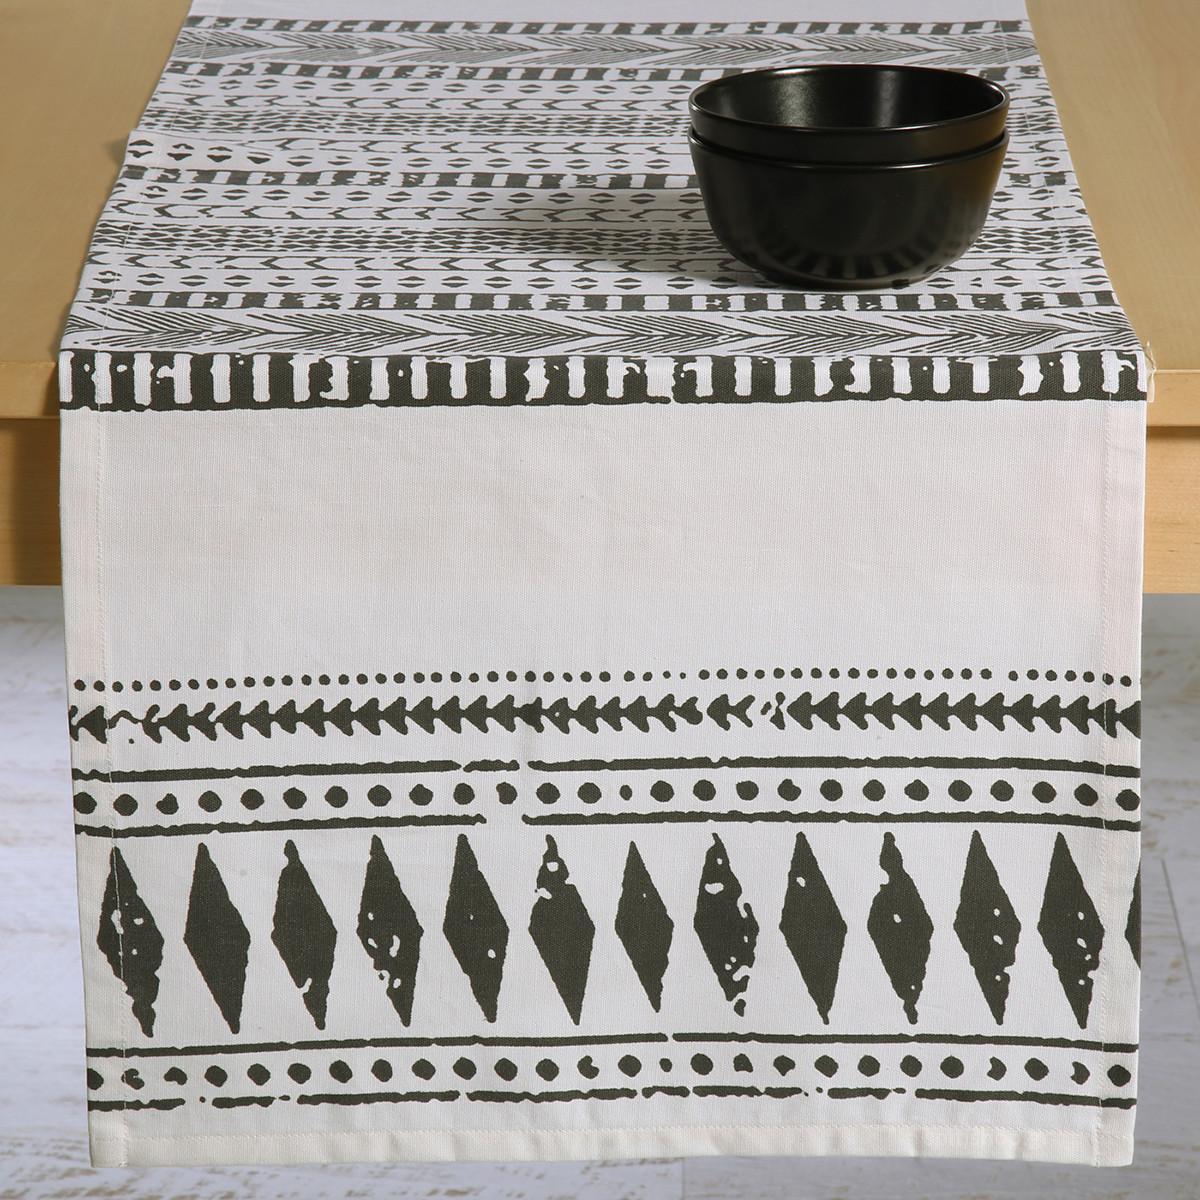 Τραβέρσα Nef-Nef Peru home   κουζίνα   τραπεζαρία   τραβέρσες